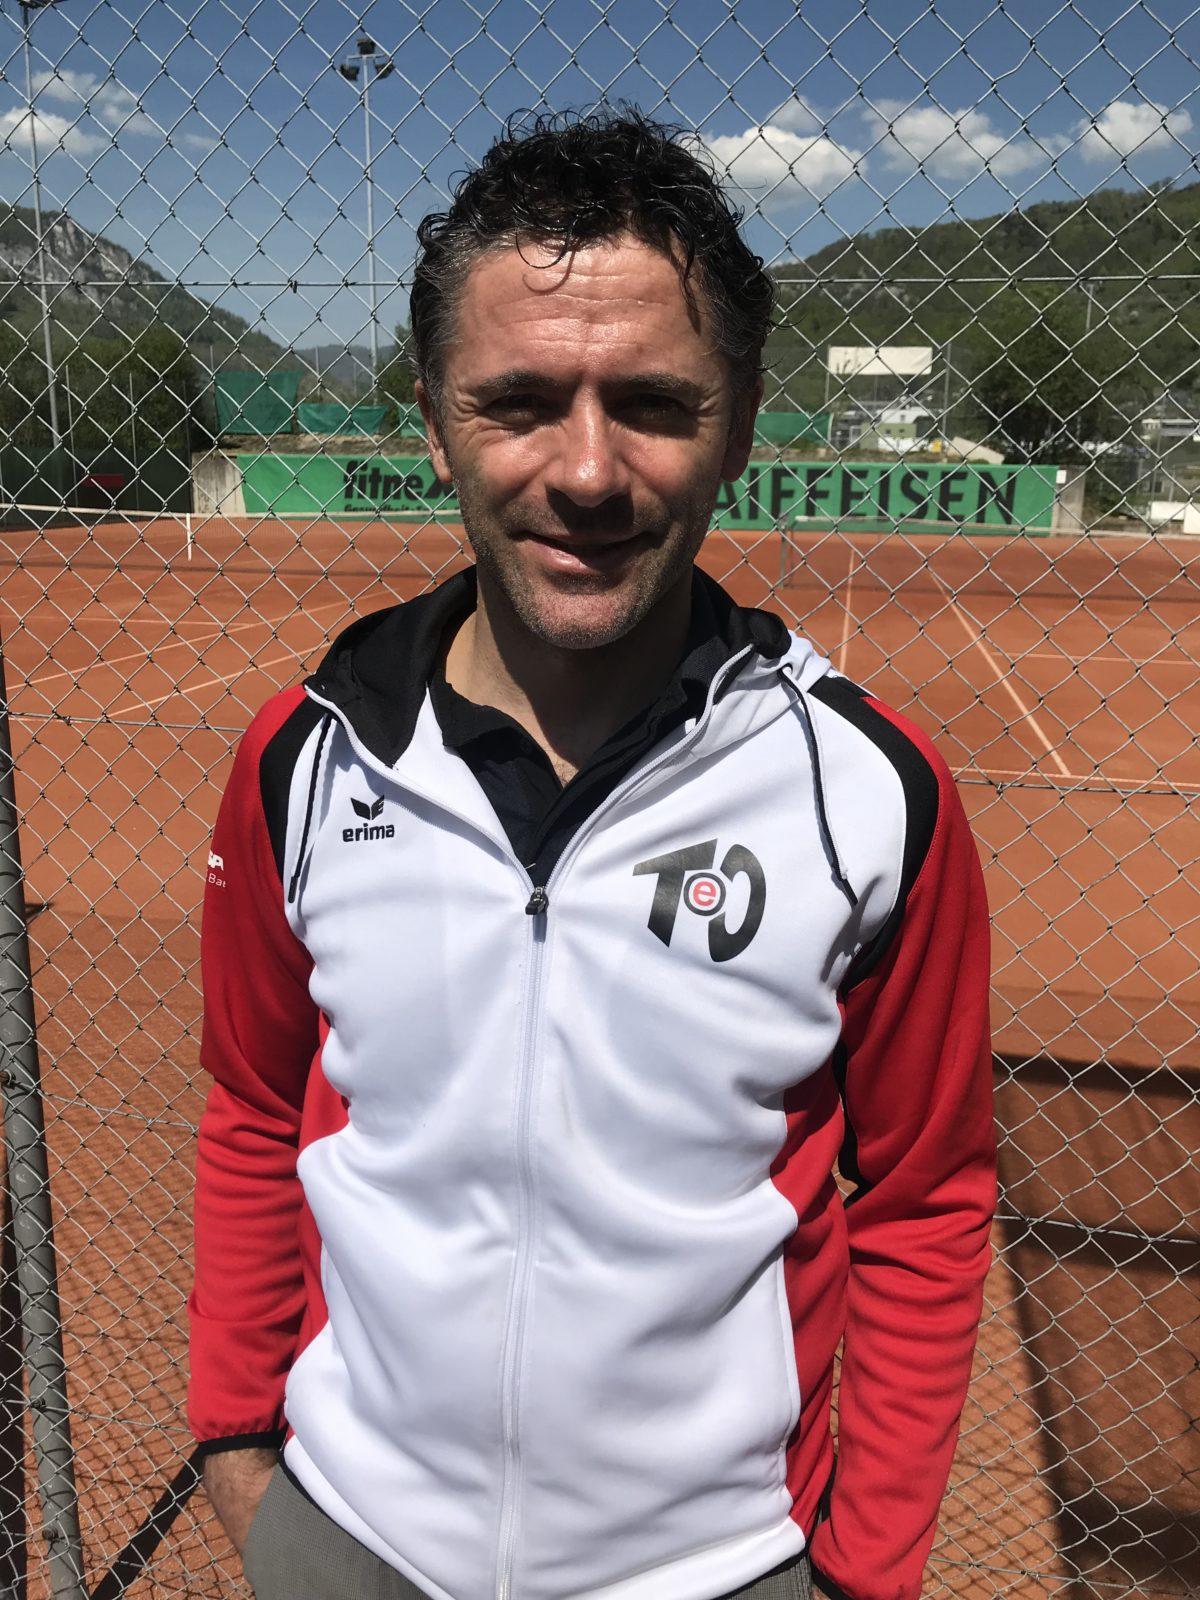 Roman Dietschi